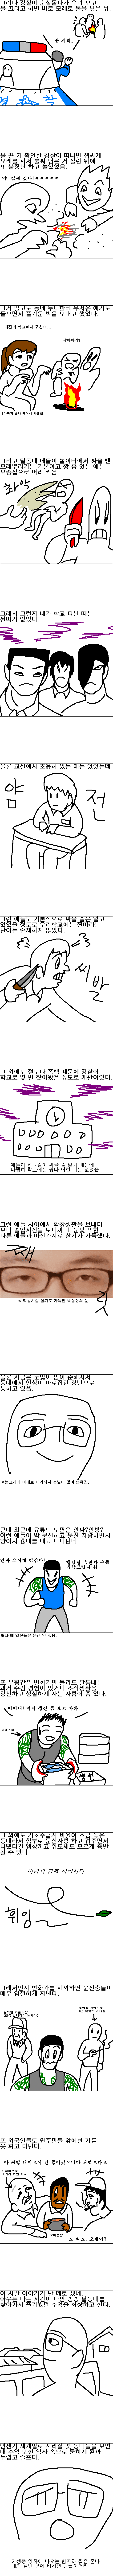 viewimage.php?id=2ebcc232eadd36&no=24b0d769e1d32ca73fec87fa11d0283168a8dd5d0373ee31e5f23e84e52187726b940a8e989719130da05fa9b42e5413dc38b6a616a4d805c043dab036b3916ed6ca